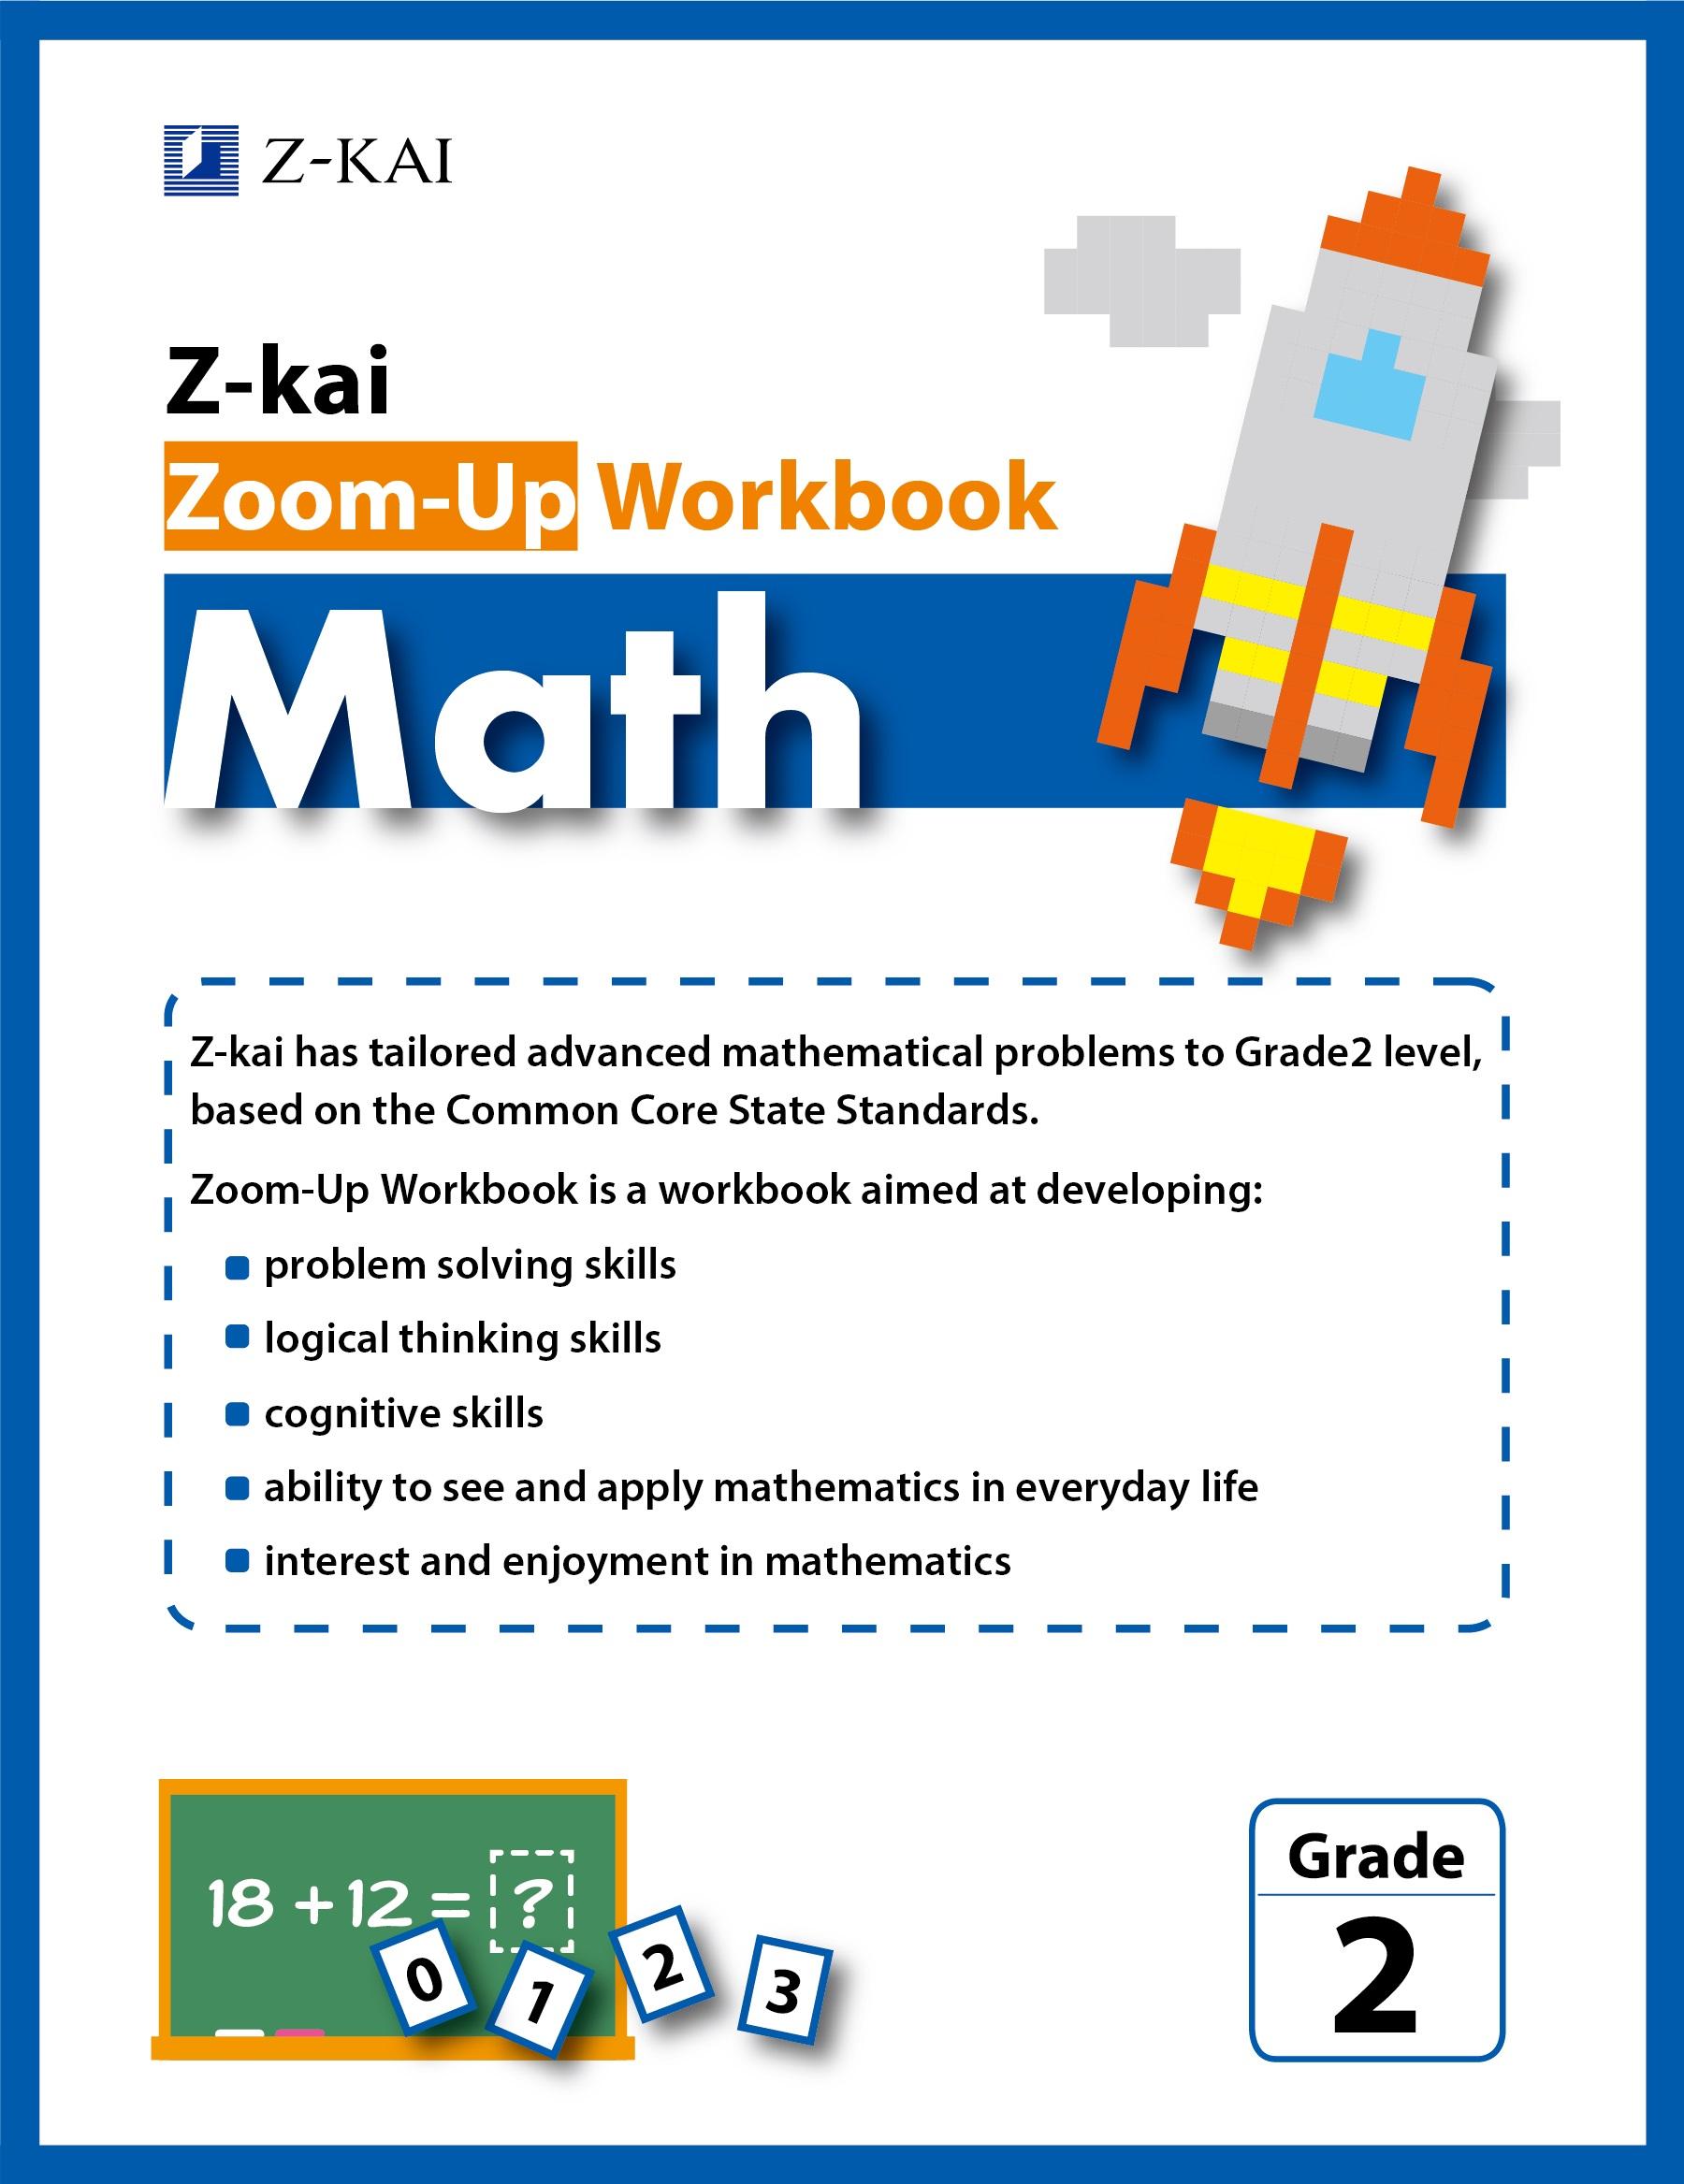 Z-kai Zoom-Up Workbook Math Grade 2